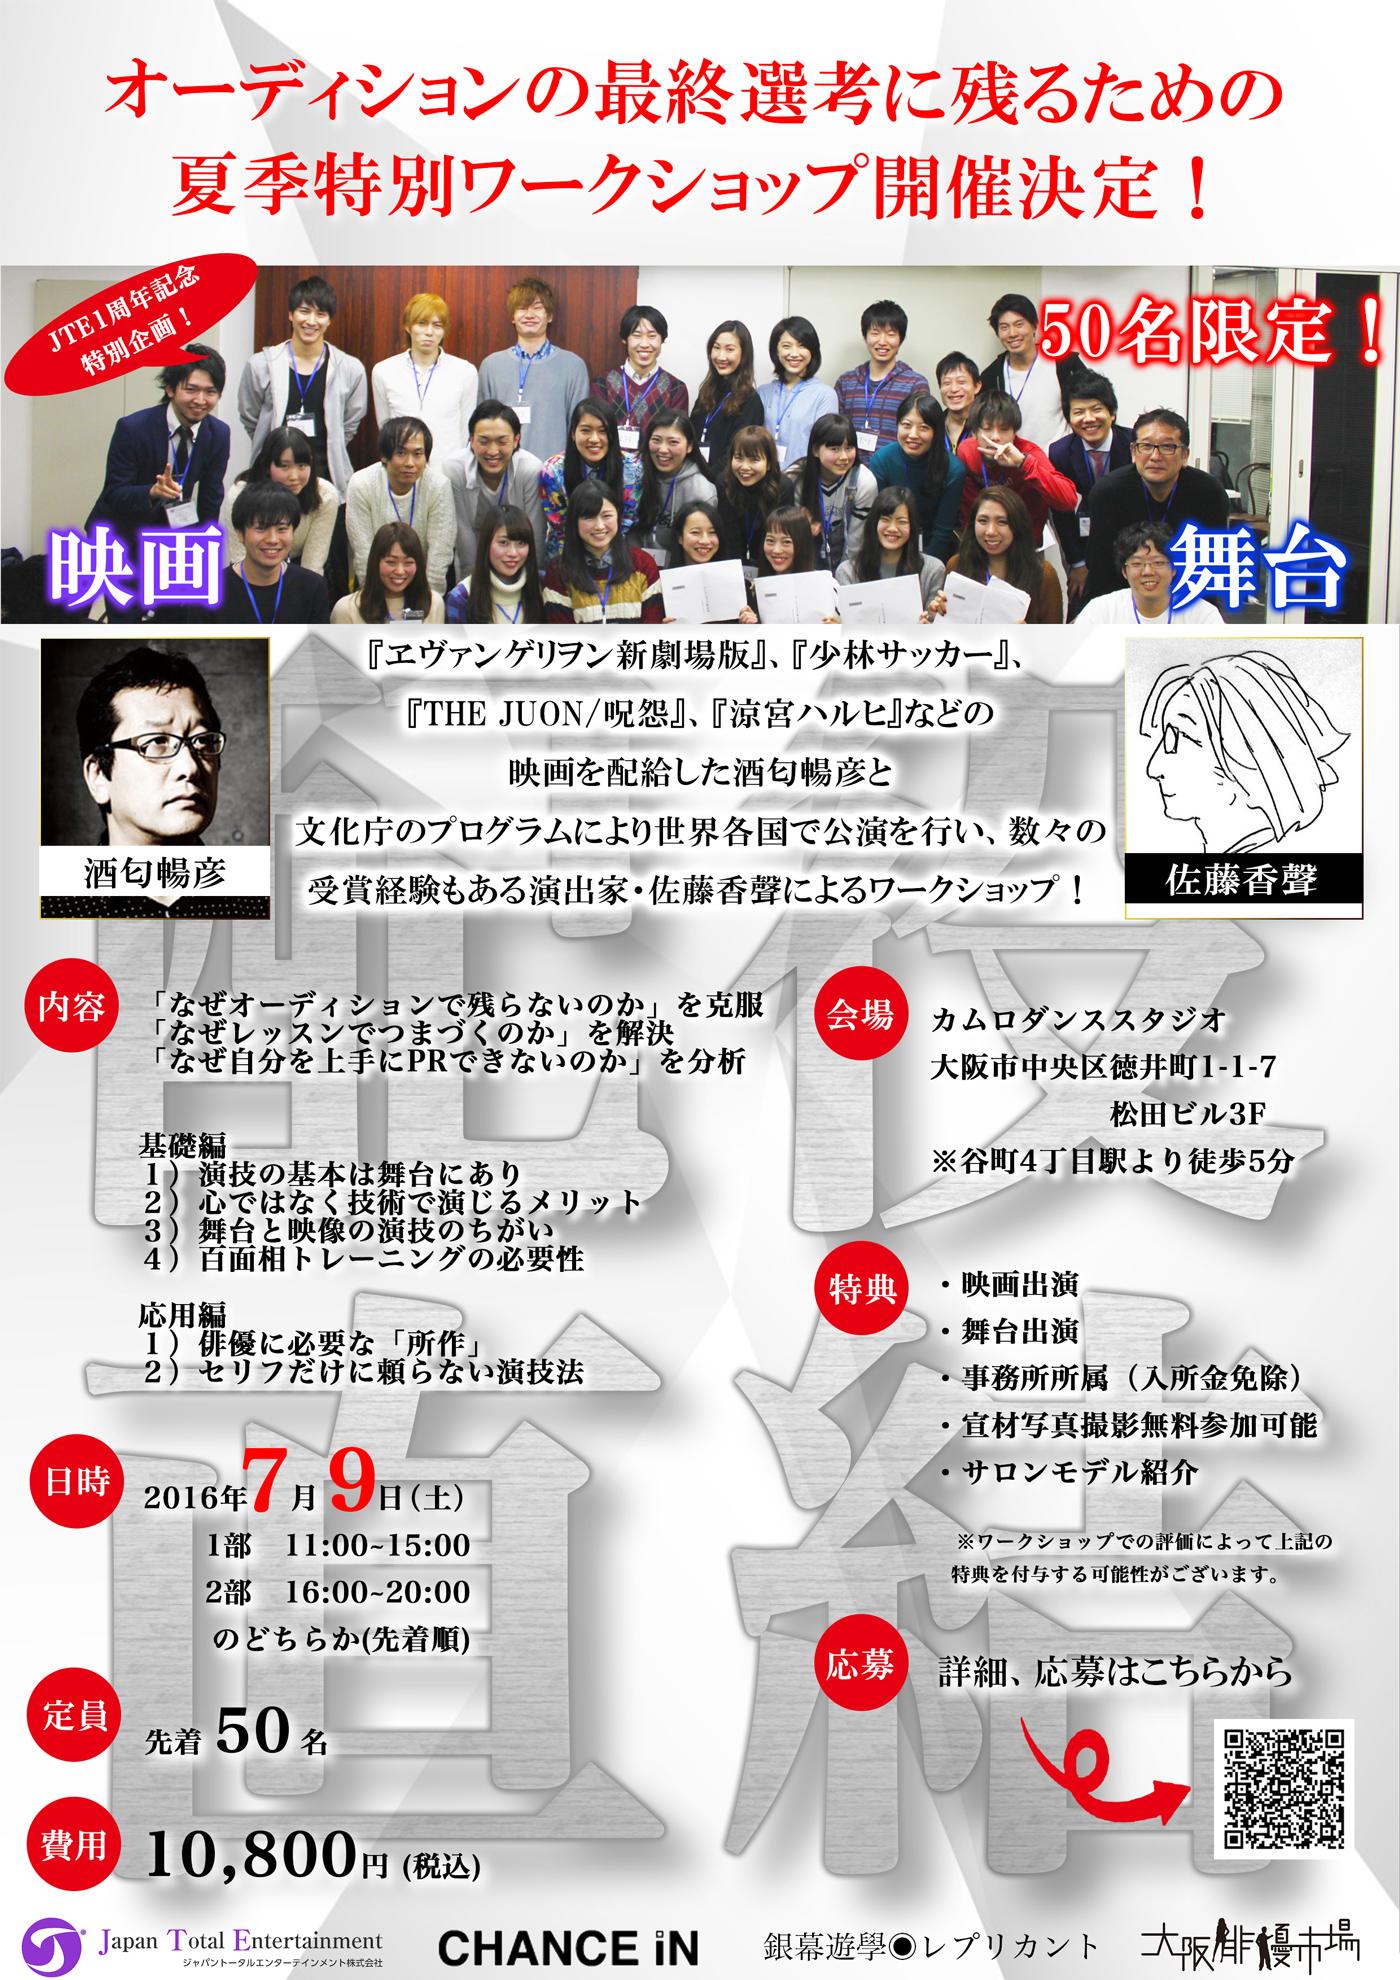 【祝☆1周年!】豪華講師陣による ワークショップ & 選考会